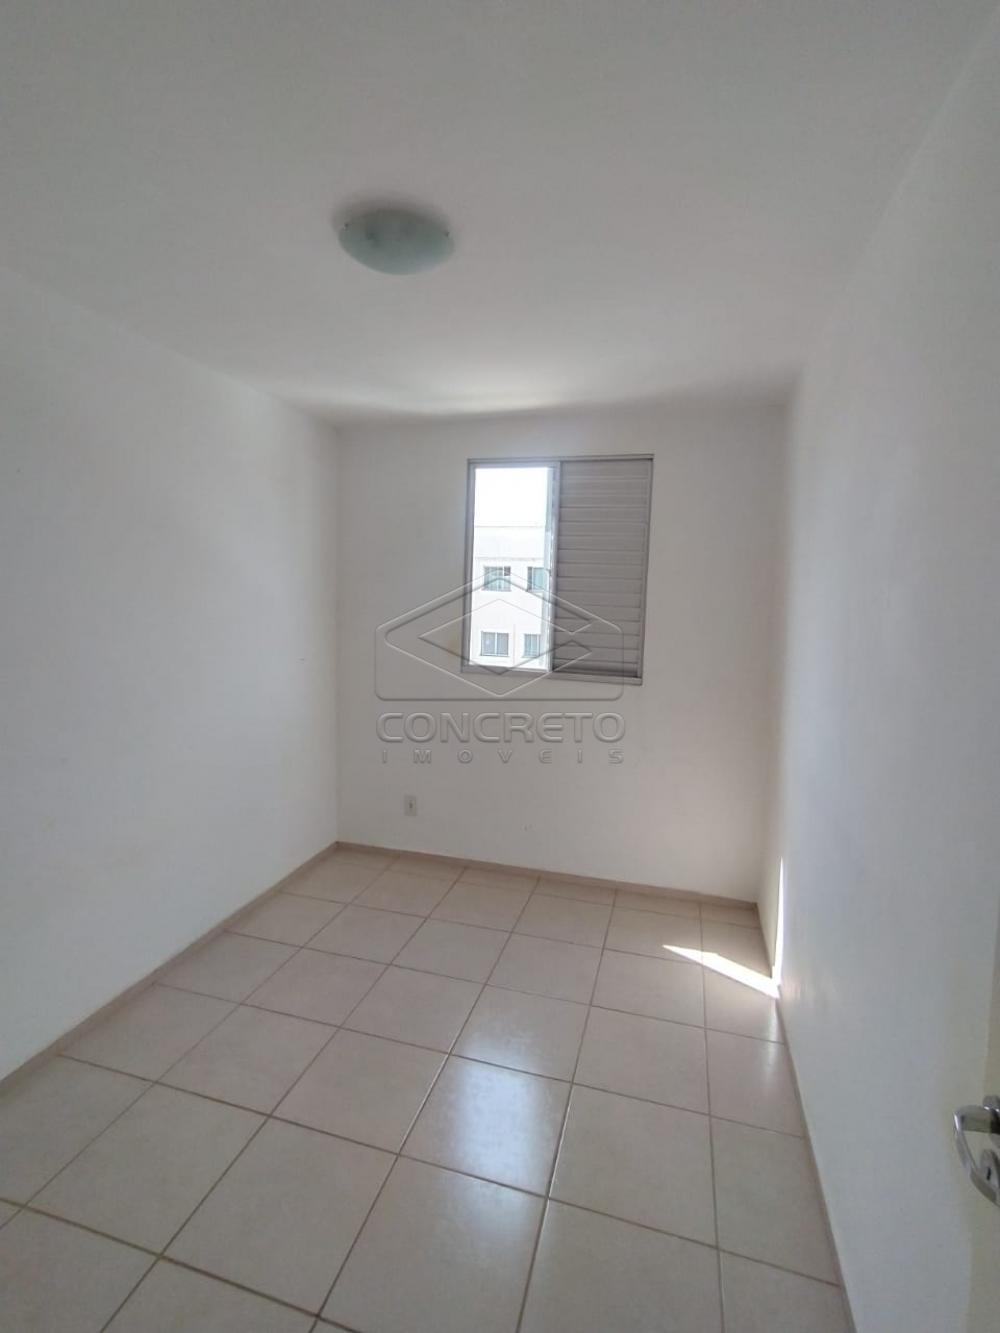 Alugar Apartamento / Padrão em Bauru R$ 600,00 - Foto 8